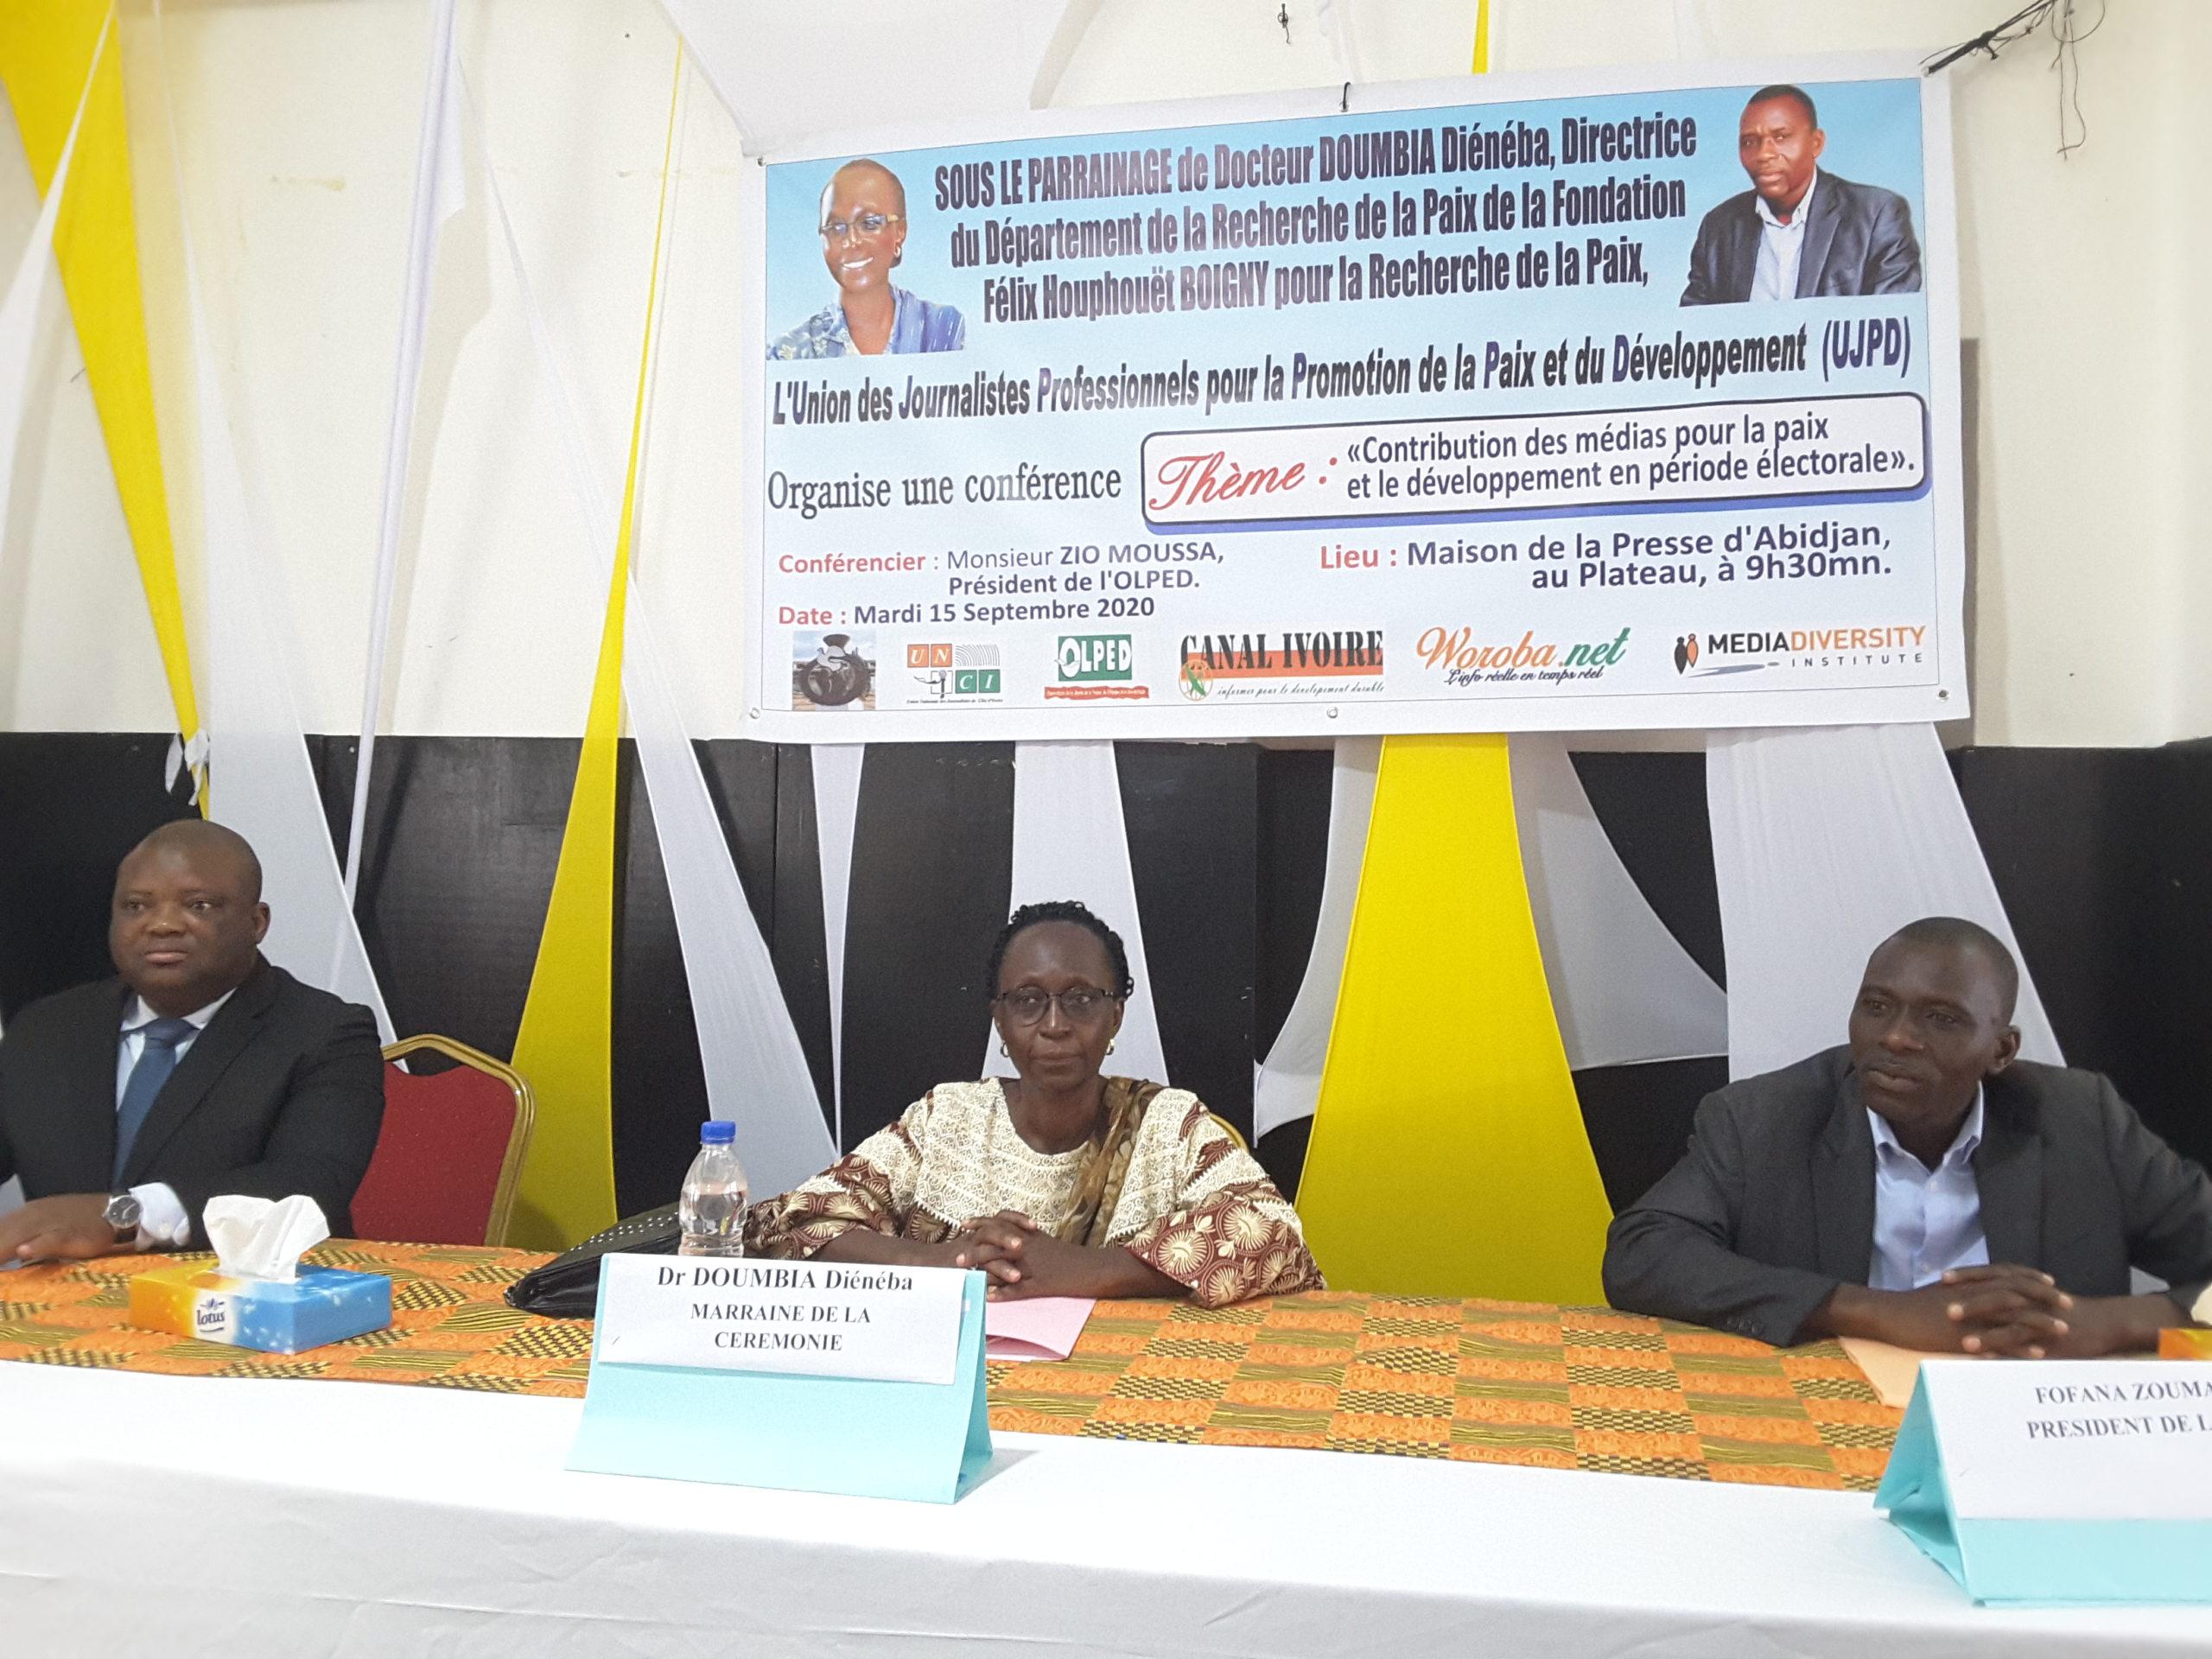 CÔTE D'IVOIRE, PRÉSIDENTIELLES 2020 : L' UJPD EXHORTE LES ACTEURS DES MÉDIAS À ÊTRE DES ARTISANS DE PAIX